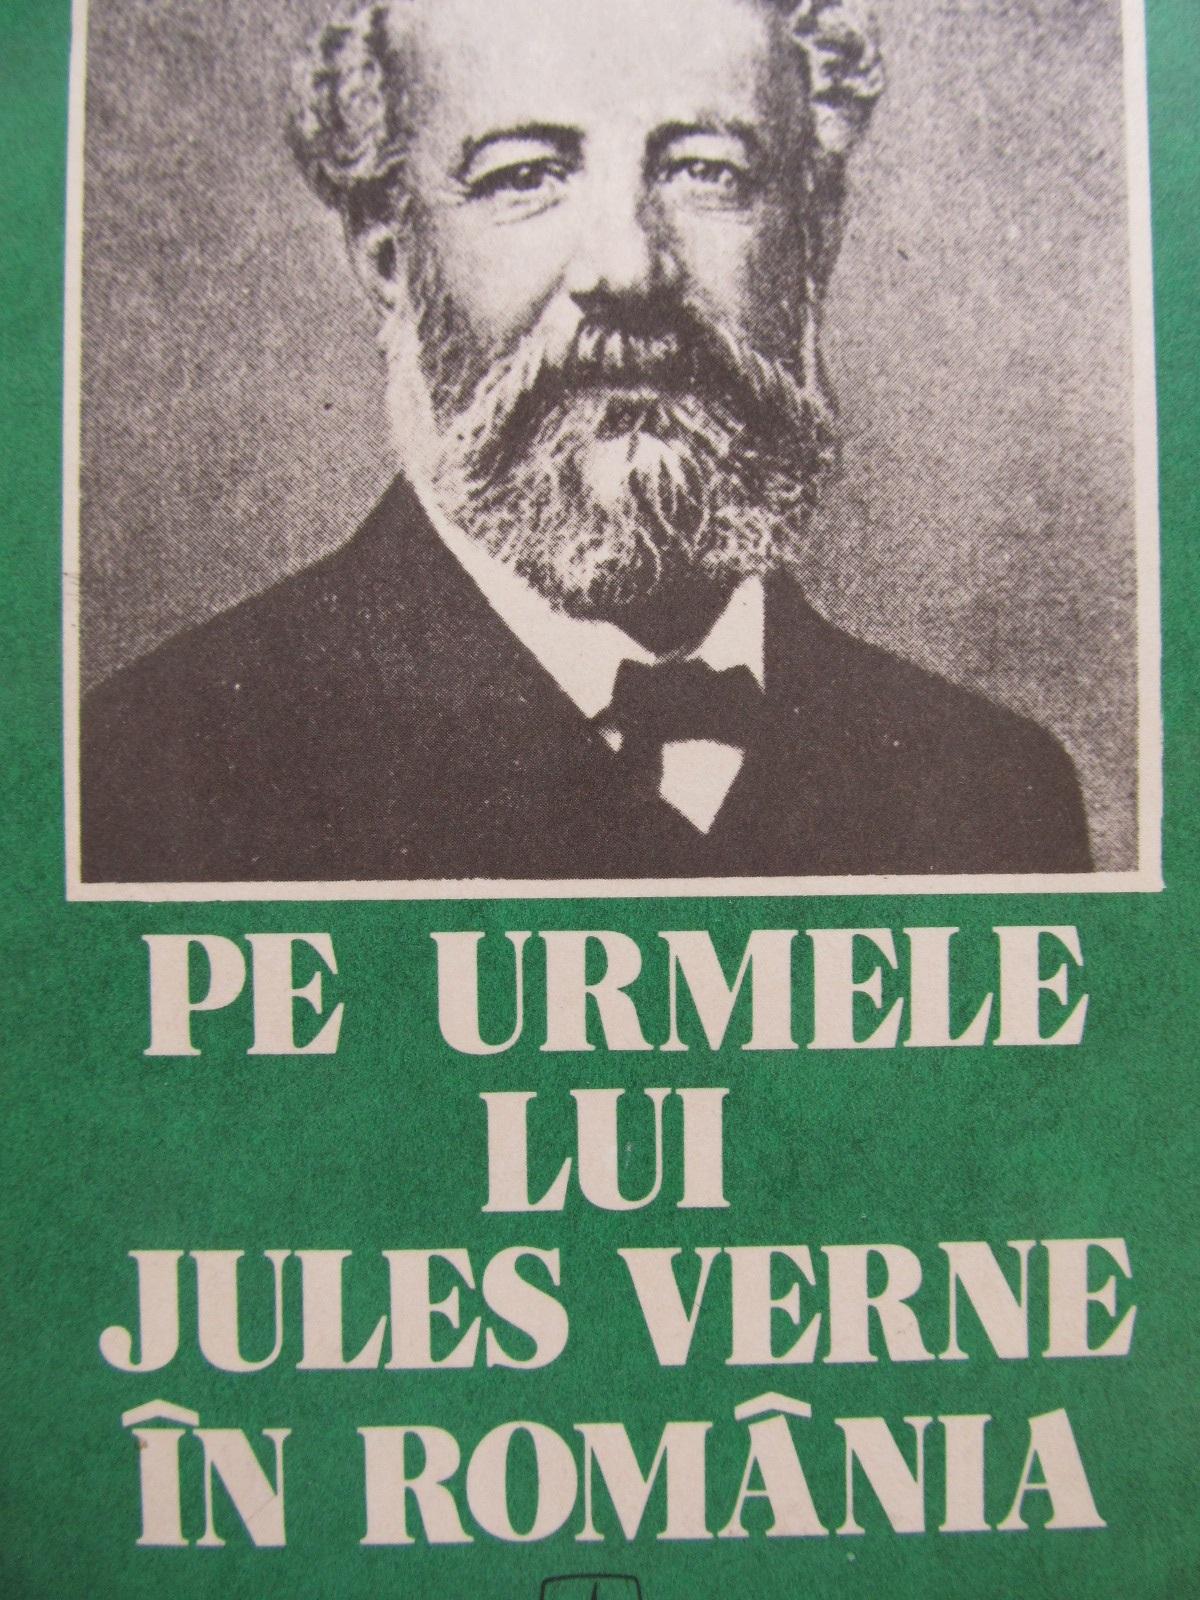 Pe urmele lui Jules Verne in Romania - Simion Saveanu | Detalii carte